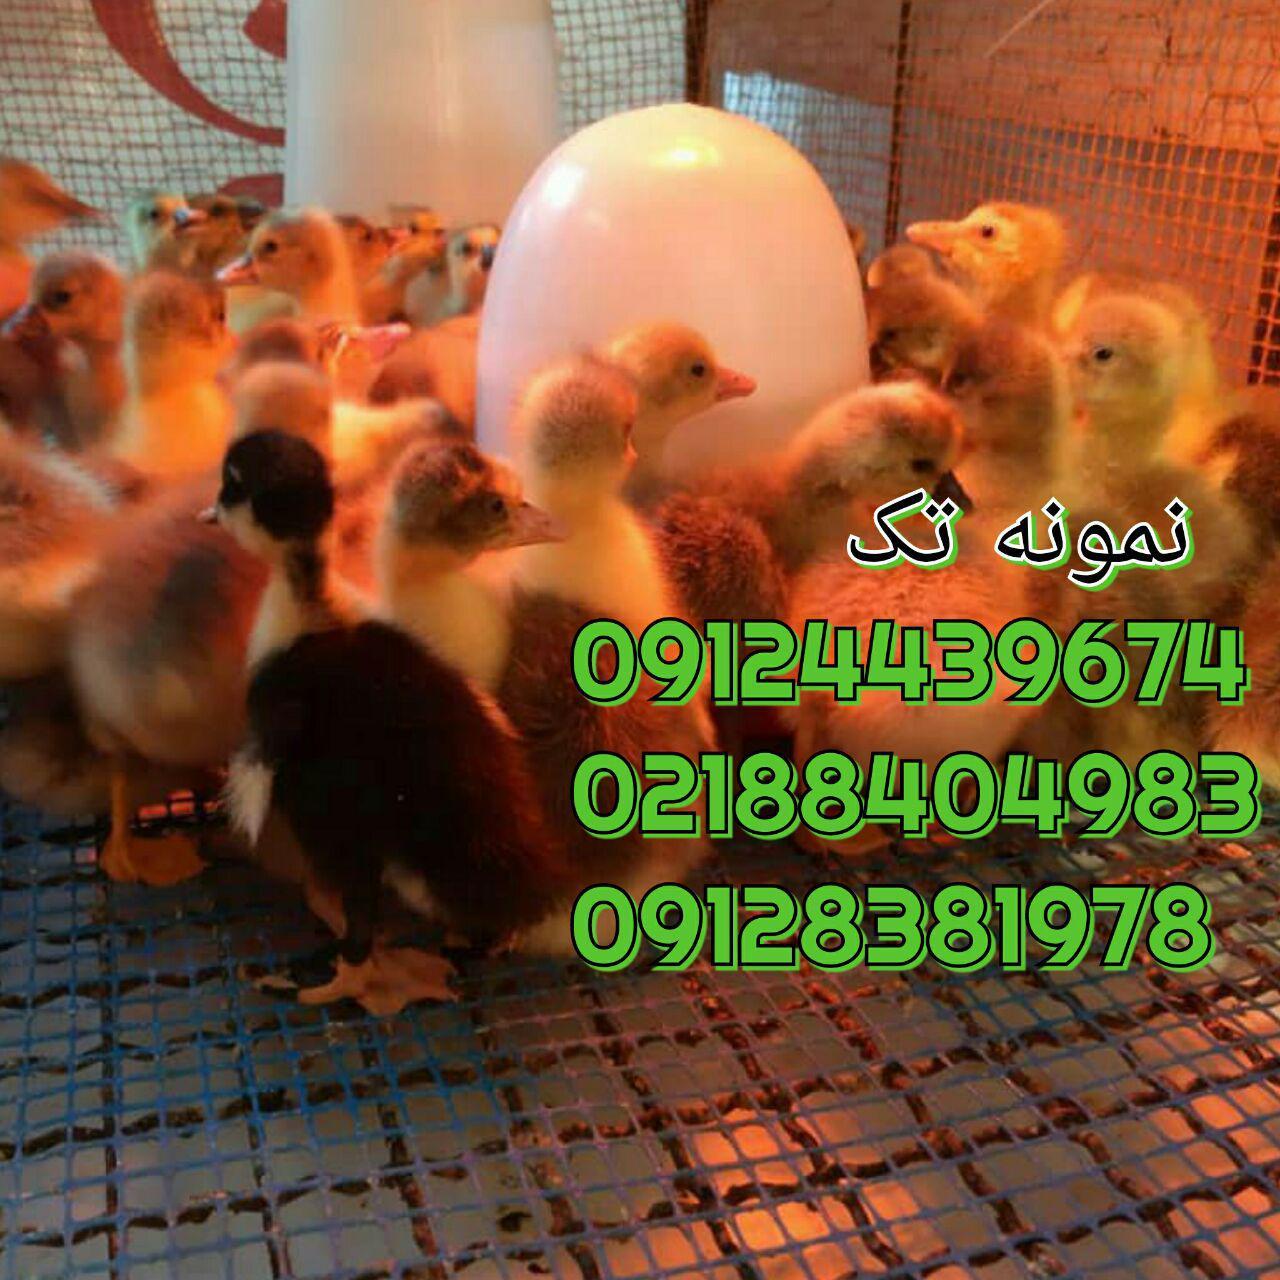 فروش اردک یک ماهه 09128381978 09131392838 09121393868 091324496359